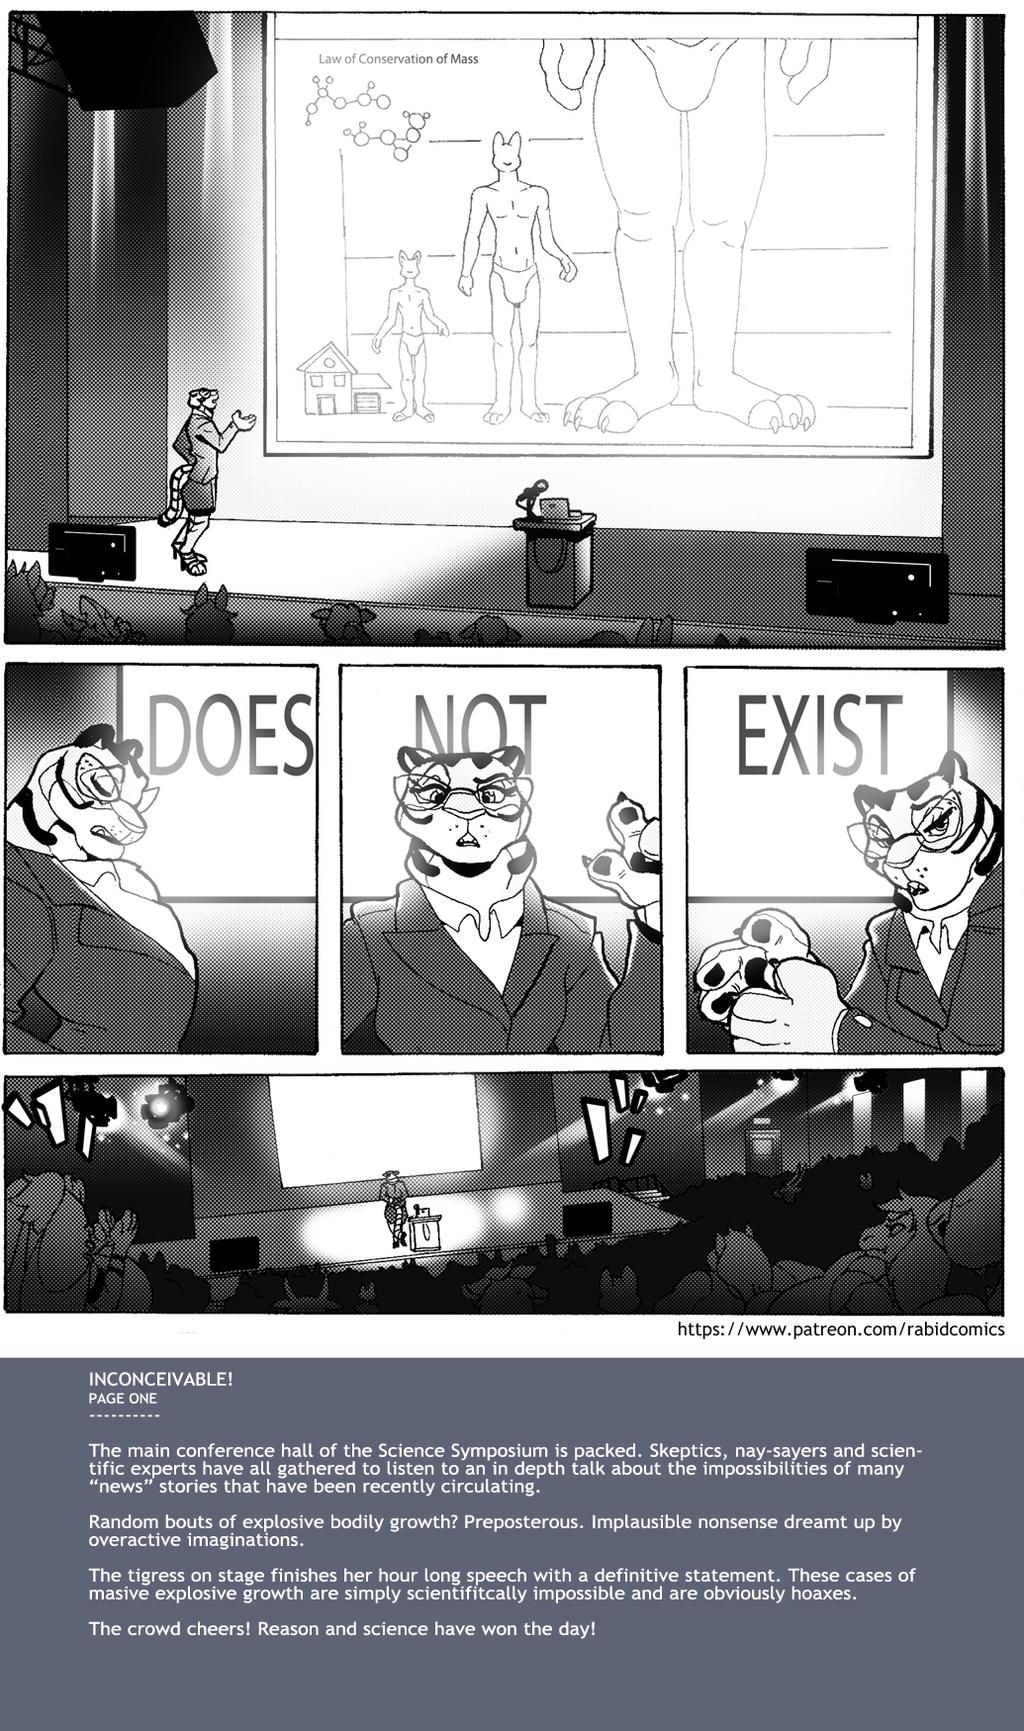 INCONCEIVABLE! -=Patreon Comic=- 1/7